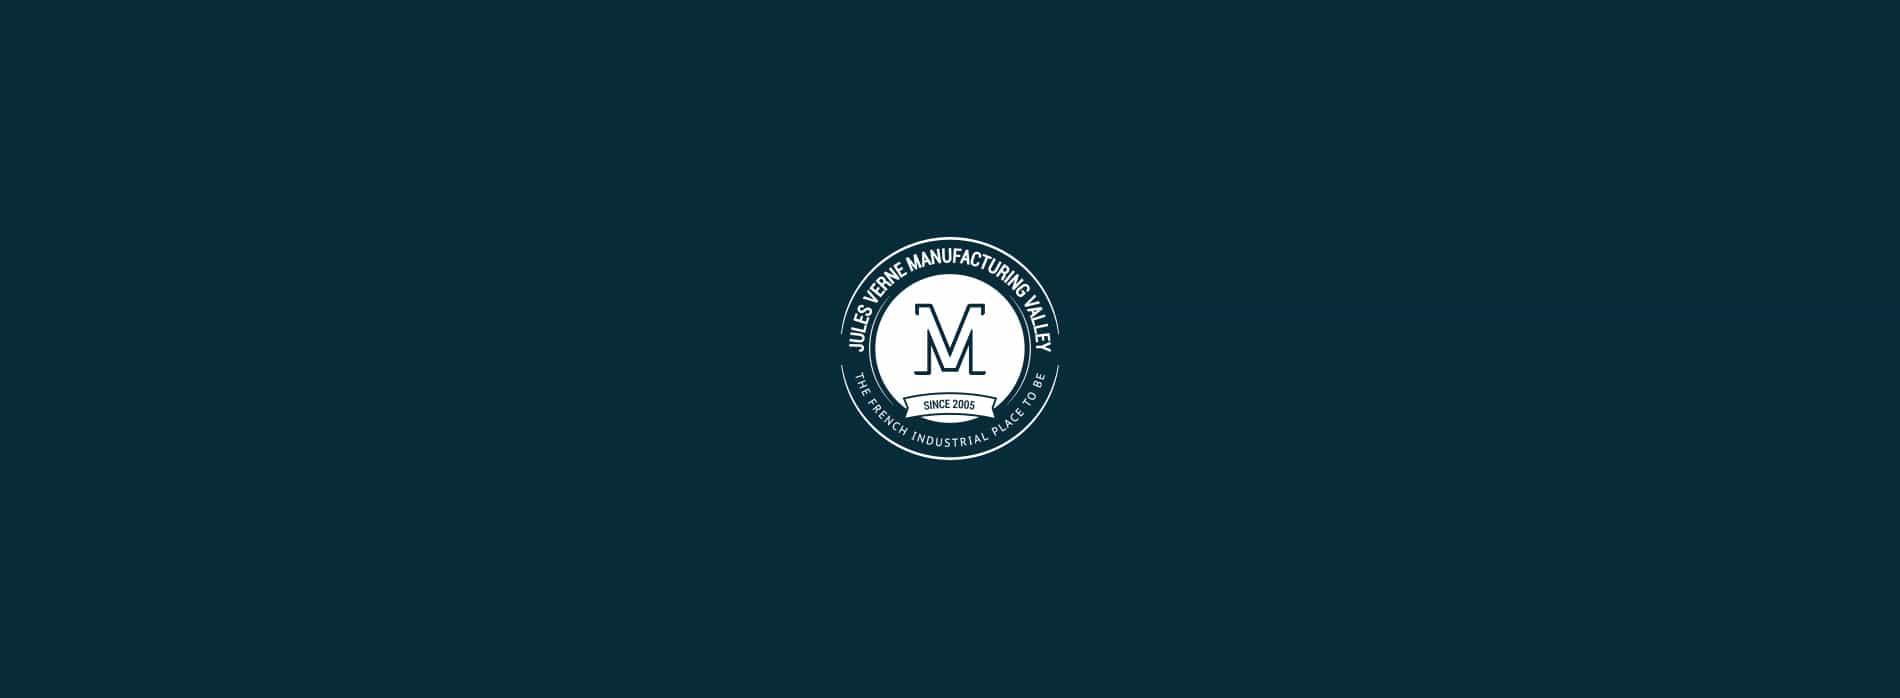 jvmv-emc2-app-mobile-agence